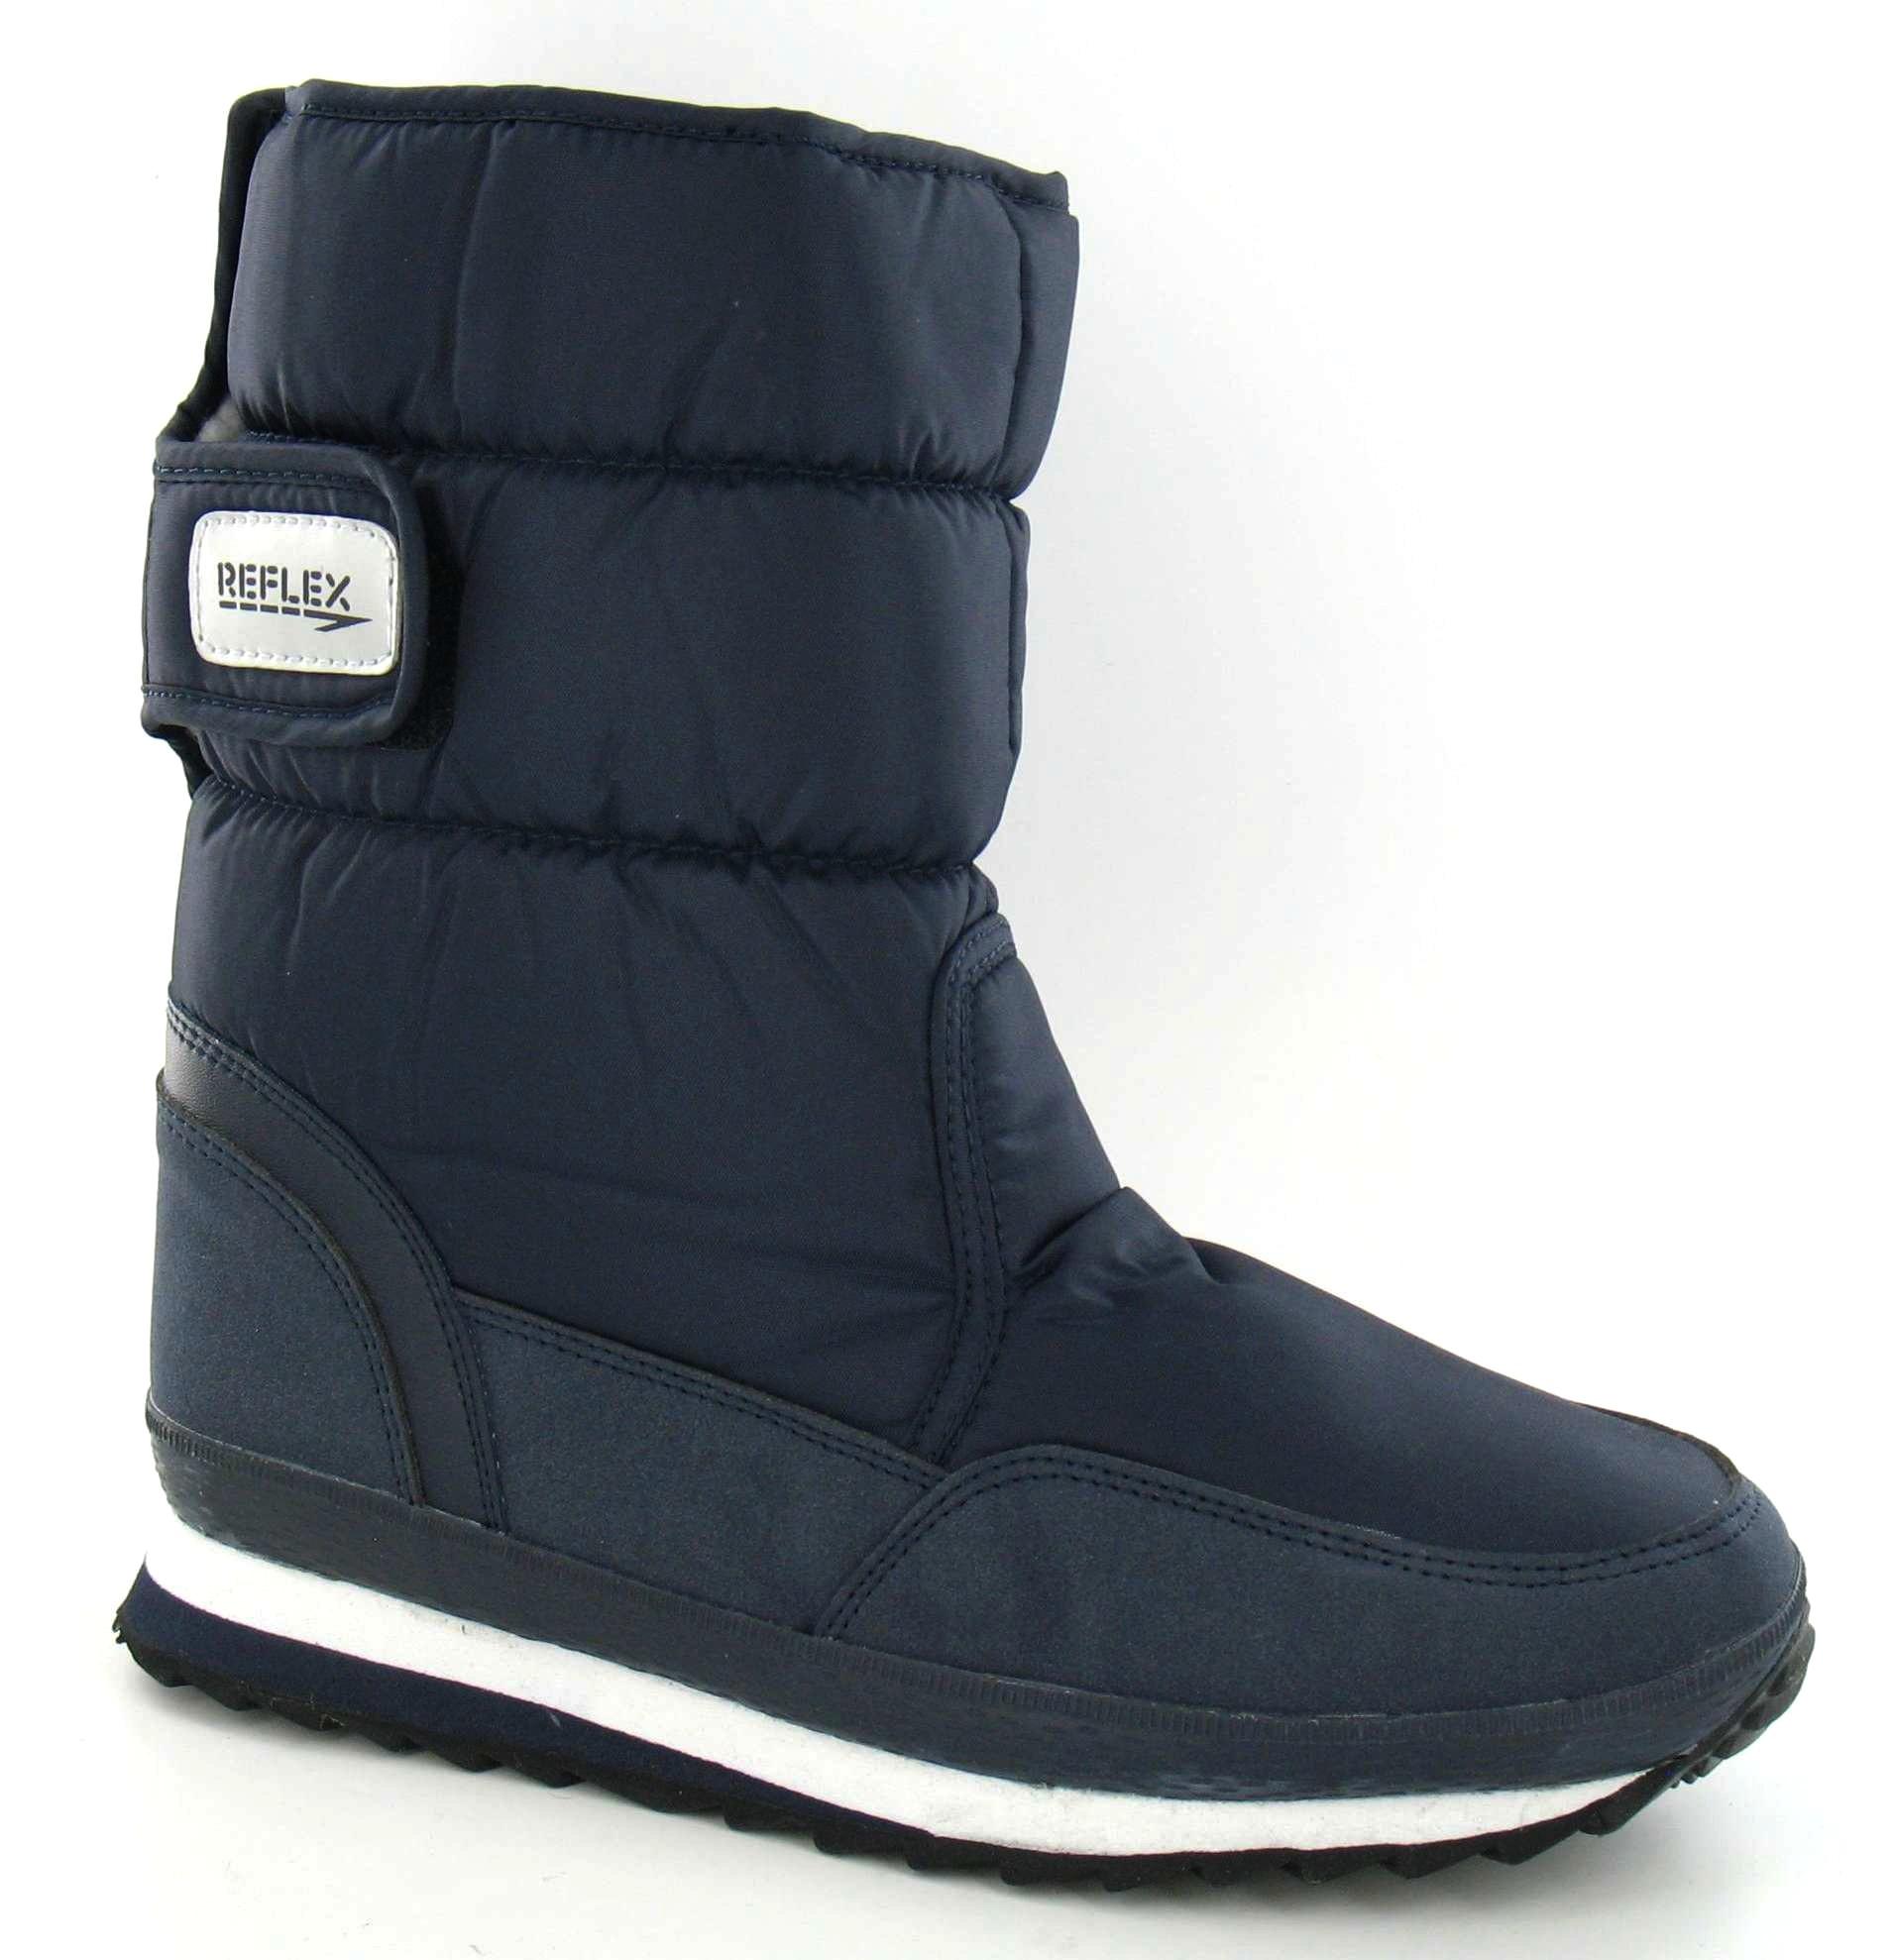 Mens Velcro Snow Shoes